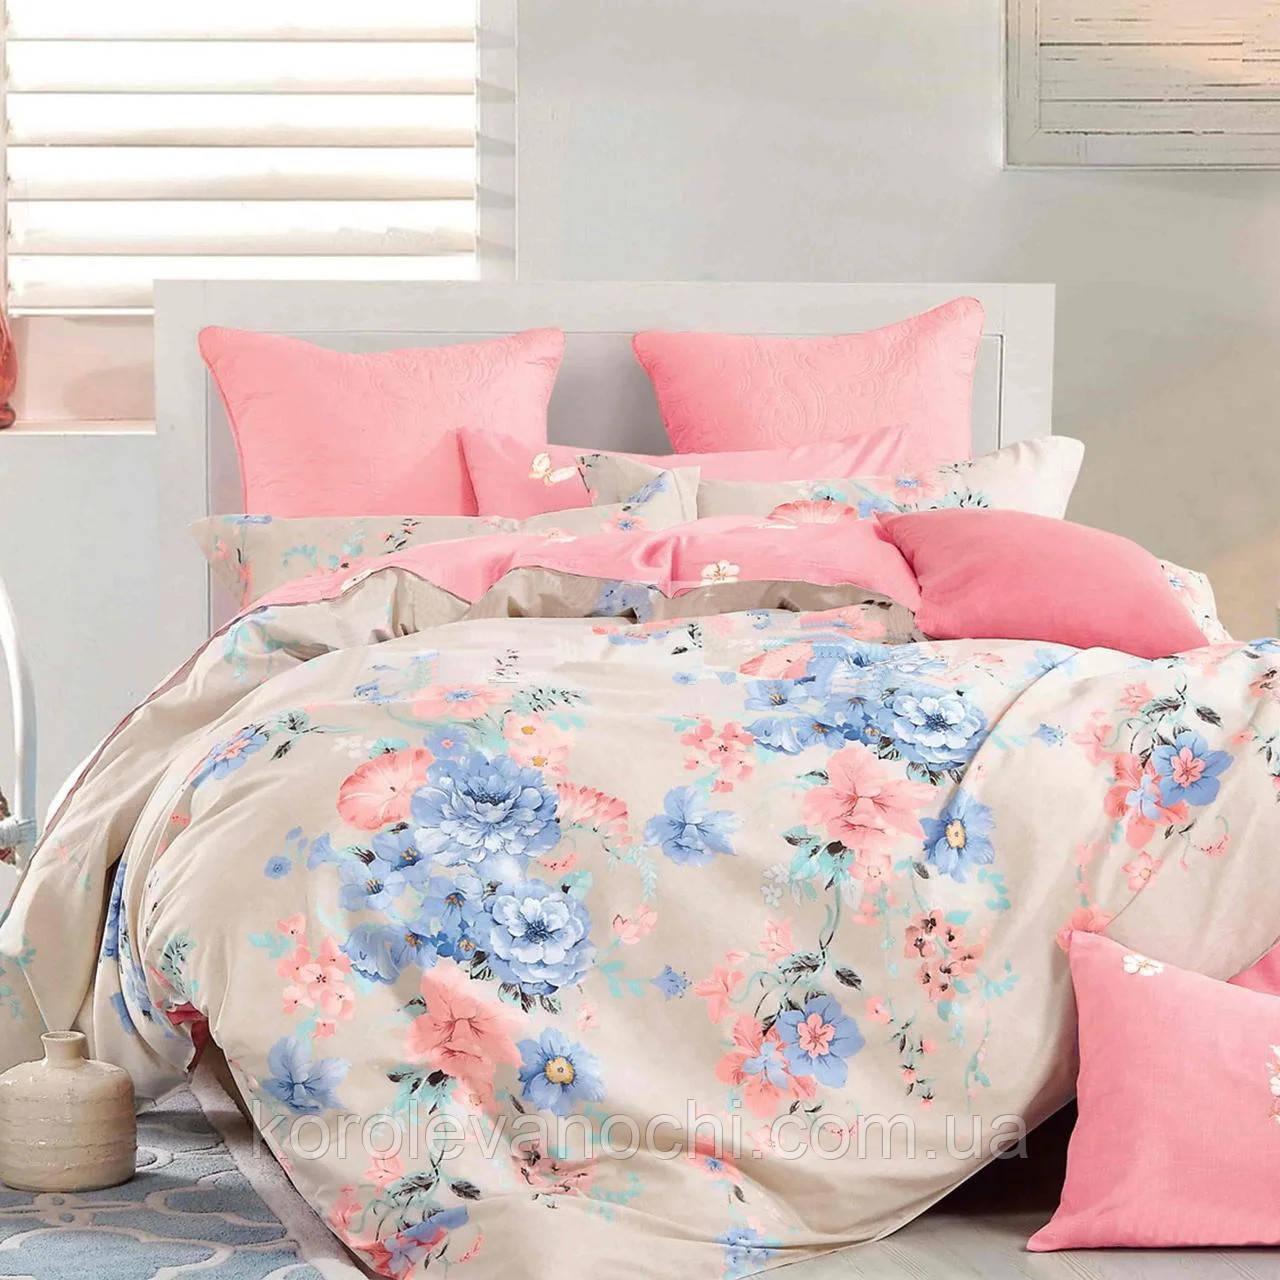 """Двуспальный комплект (Бязь)   Постельное белье от производителя """"Королева Ночи""""   Цветы на бежевом и розовом"""